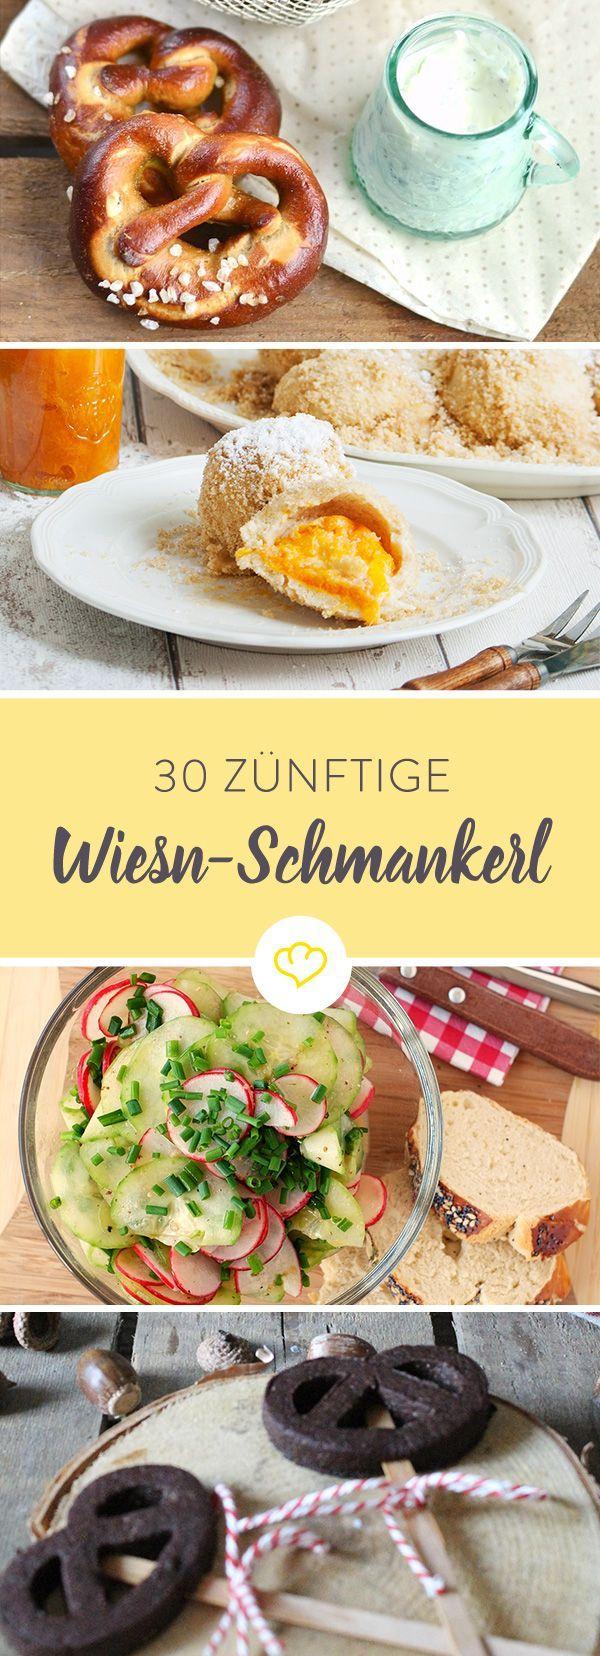 die besten 25 bayrisch ideen auf pinterest bayrisches essen bayrische rezepte und bayrische. Black Bedroom Furniture Sets. Home Design Ideas